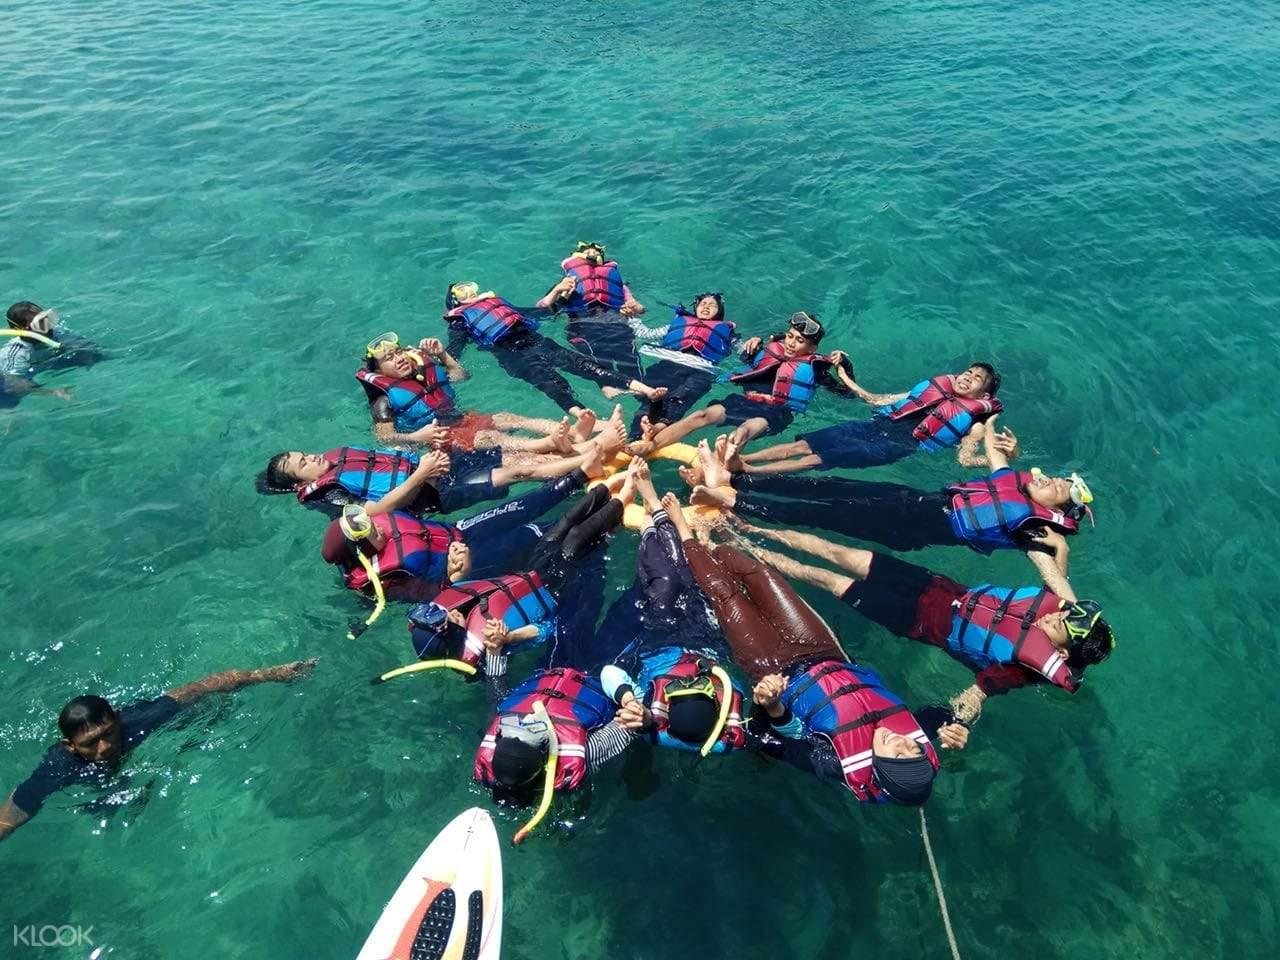 wisatawan mengapung di atas air dalam bentuk lingkaran